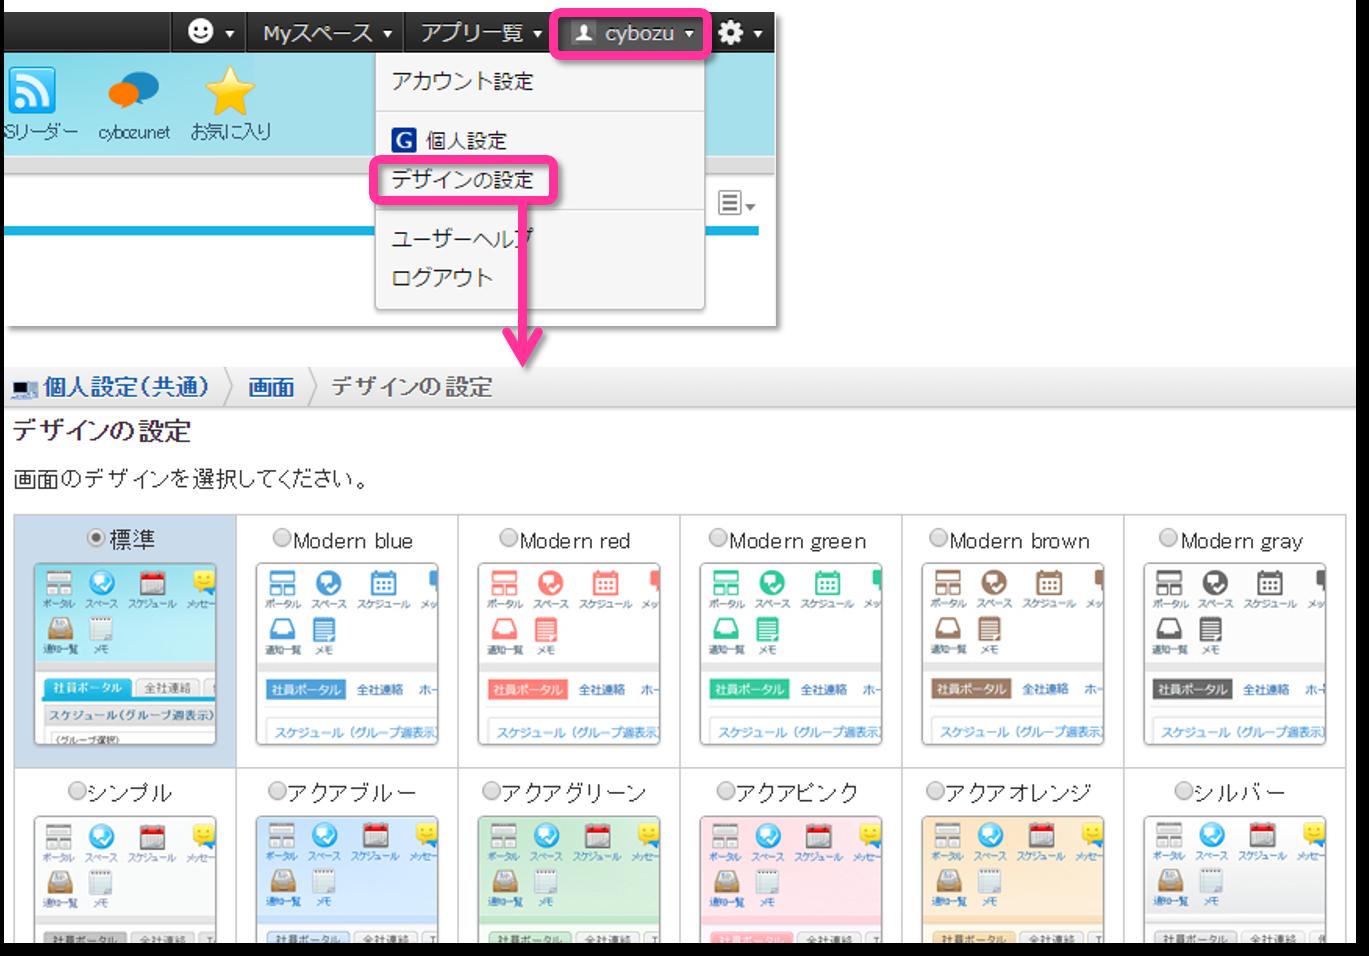 https://enterprise.cybozu.co.jp/115.png